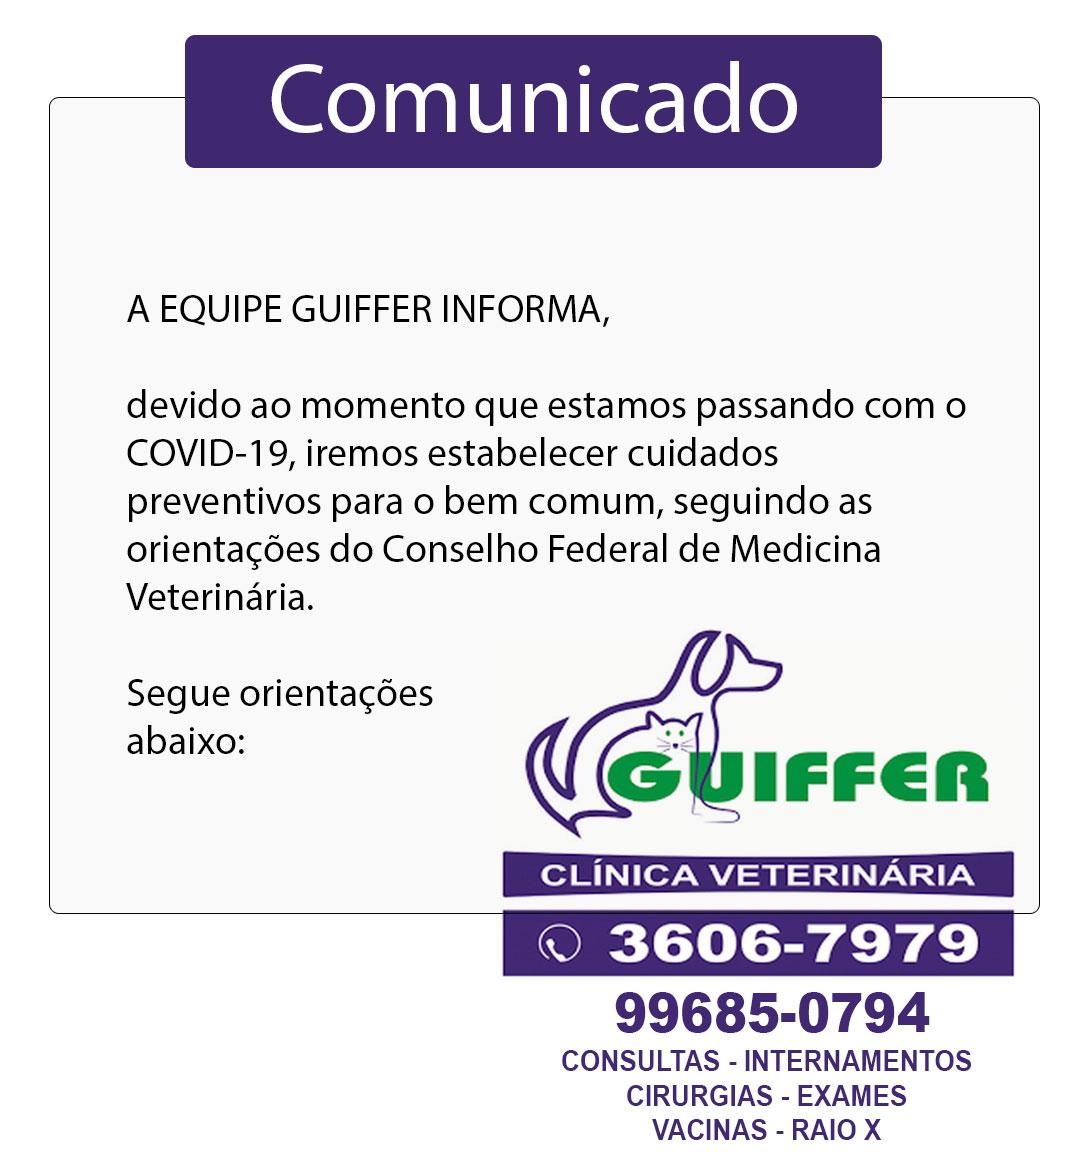 comunicado-covid19-2